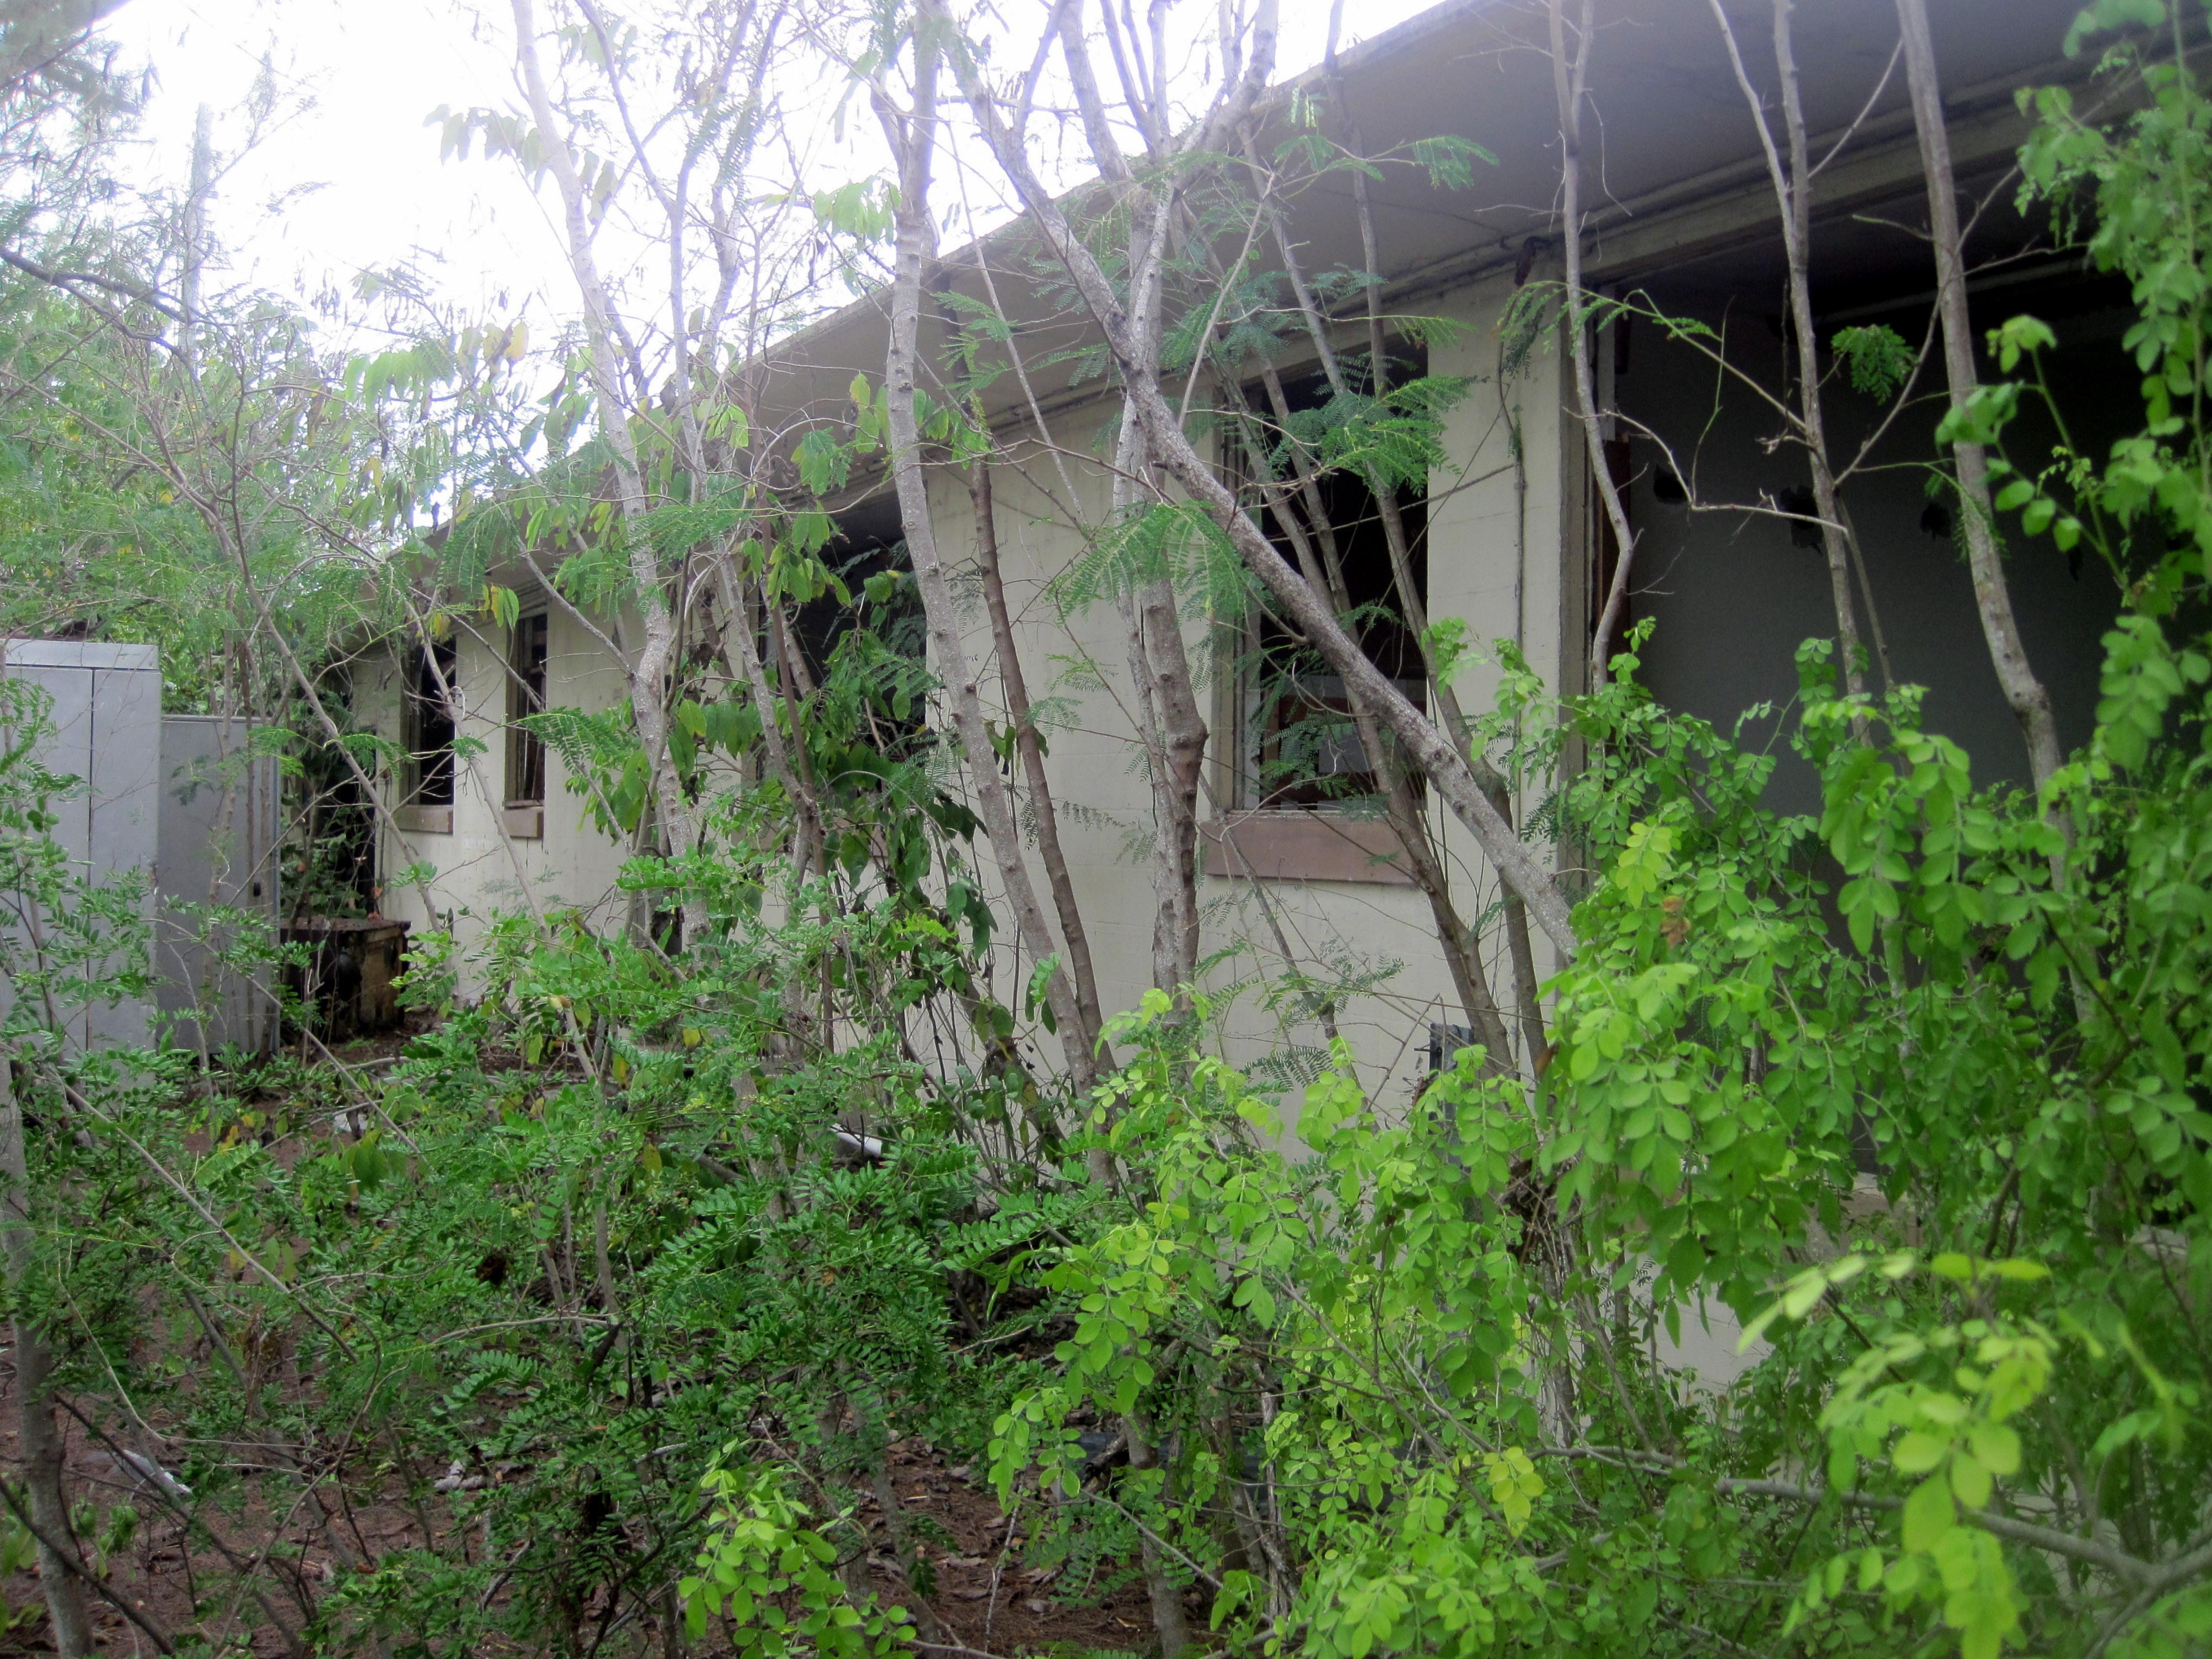 Deserted Military Base